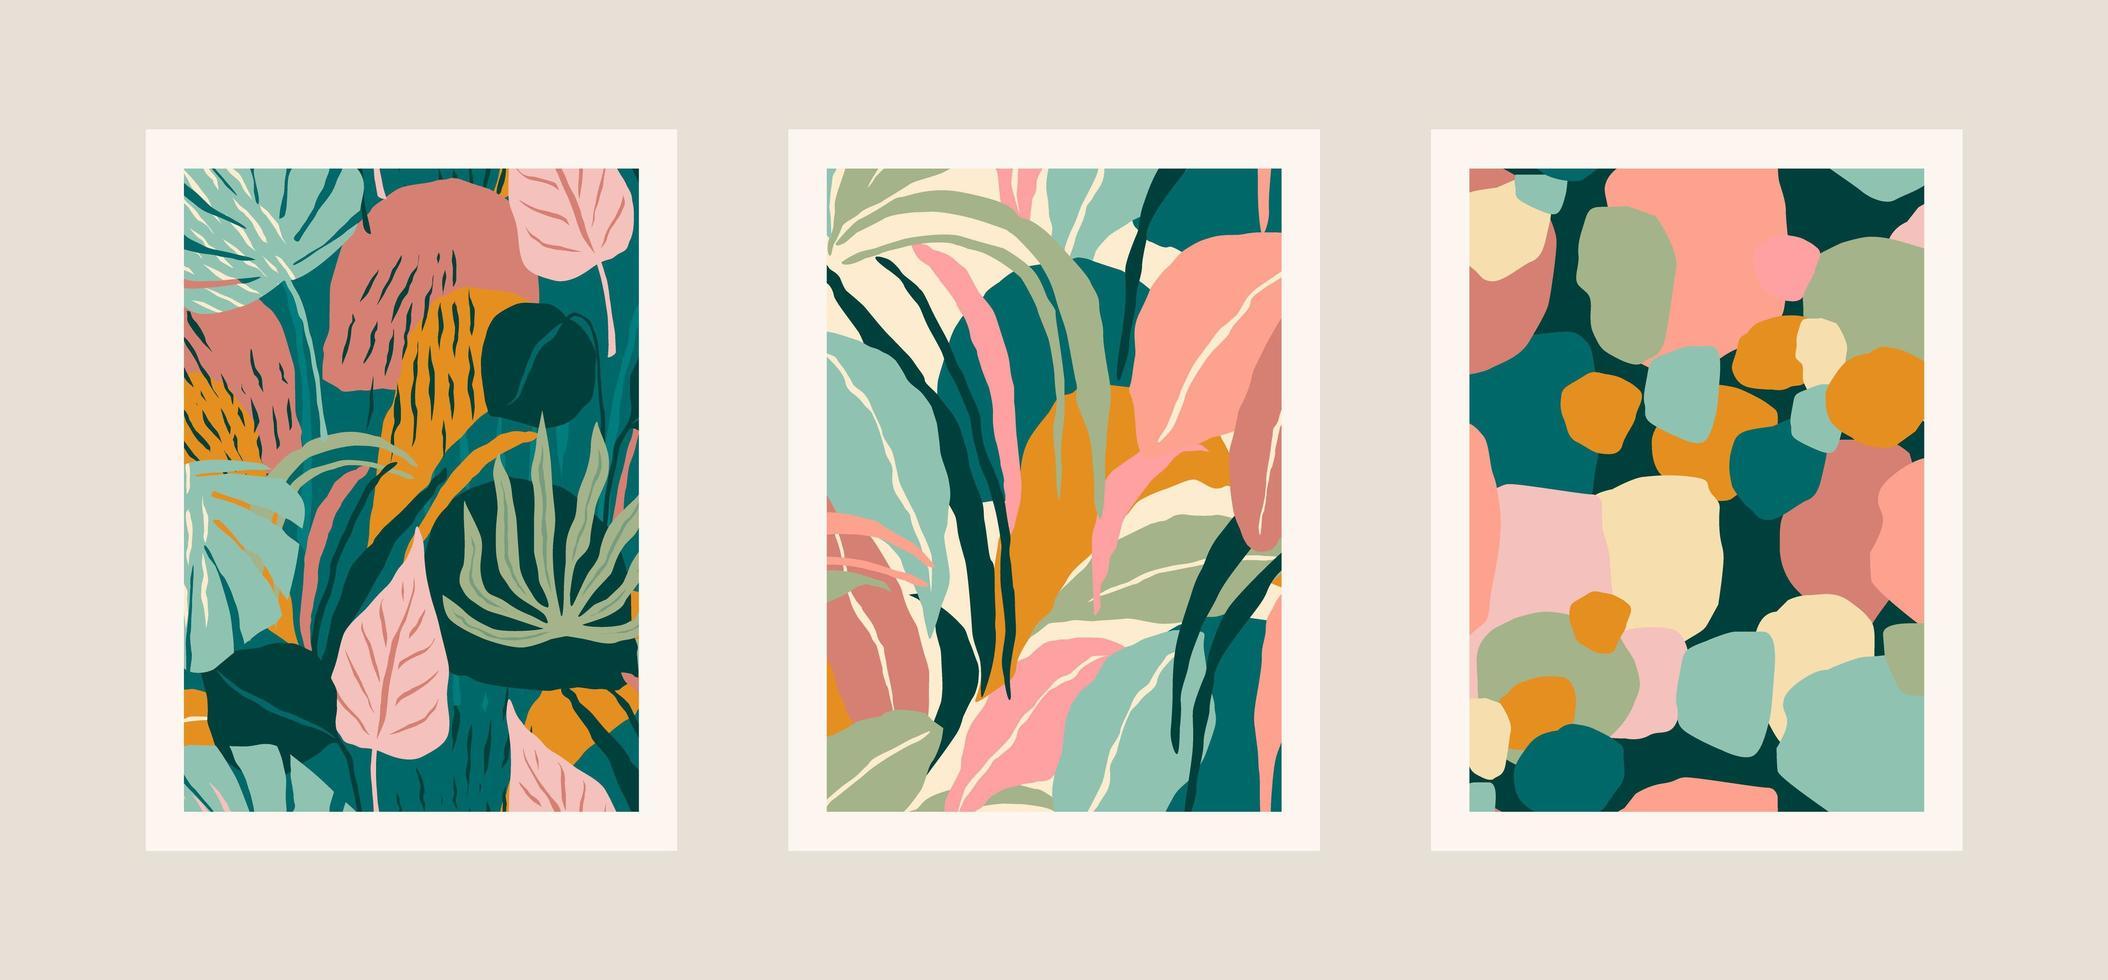 collection de tirages d'art avec des feuilles abstraites. Design moderne vecteur